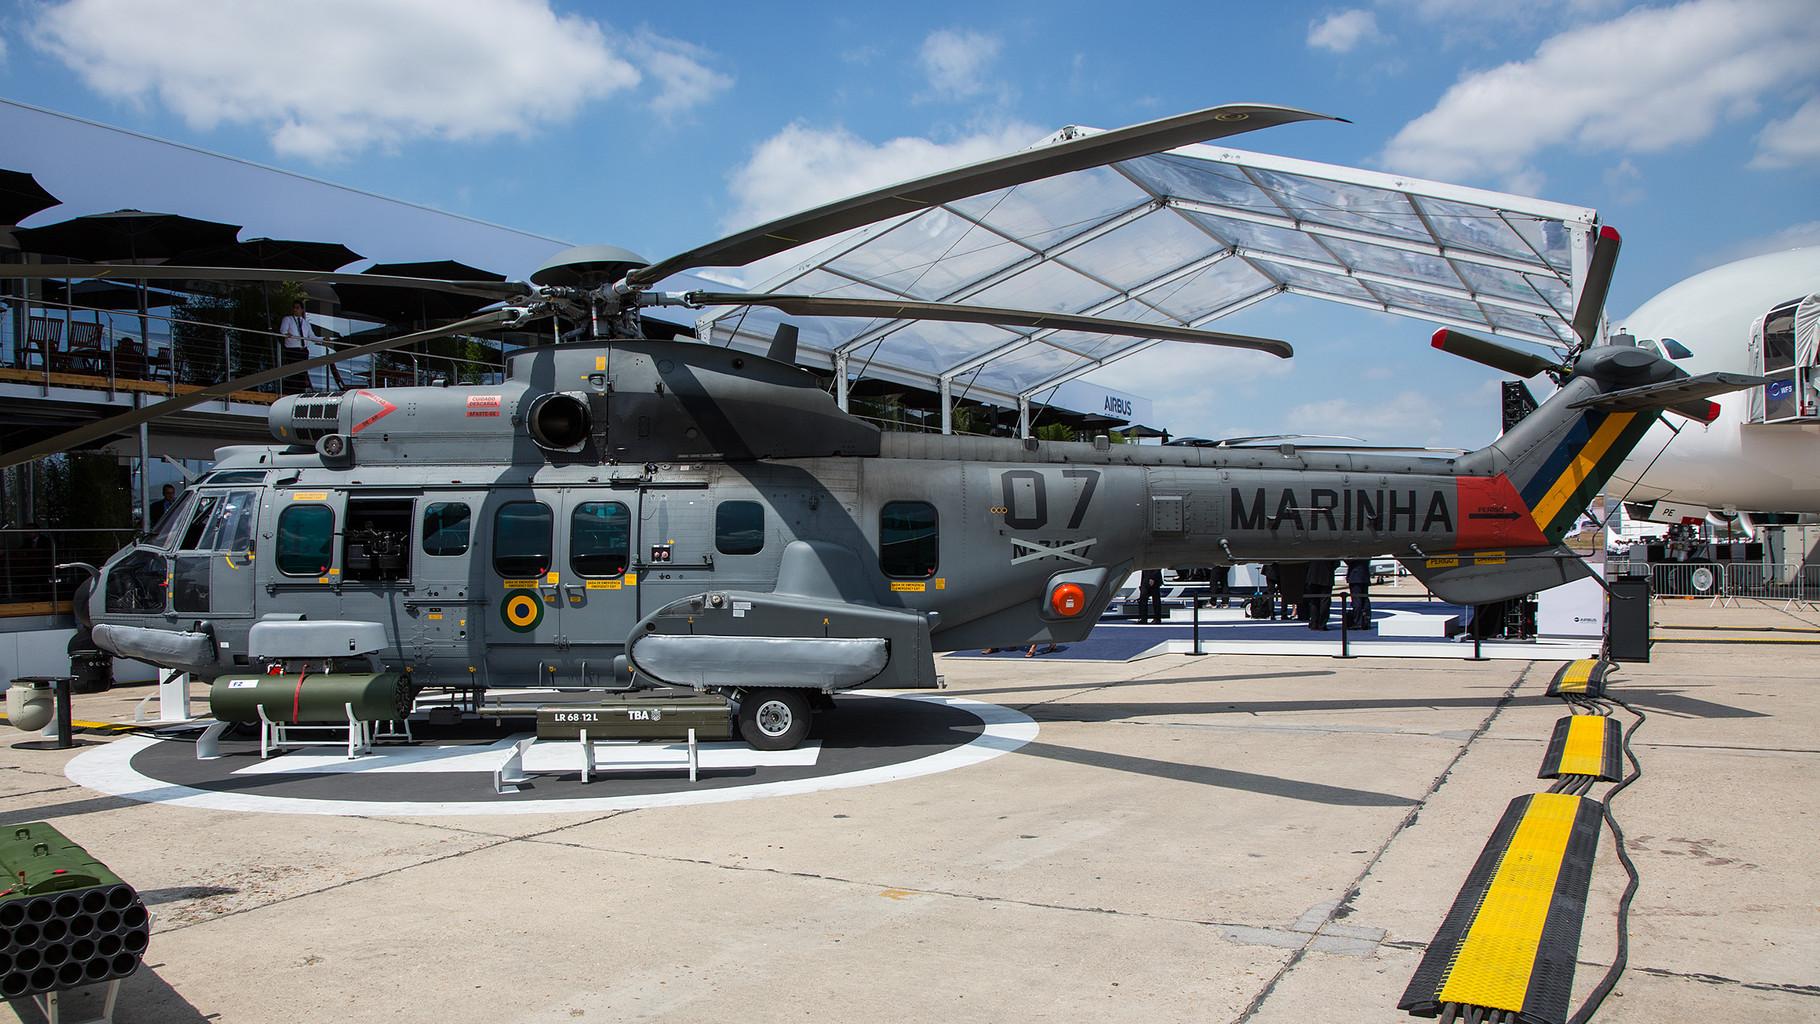 Diese EC-725 fliegt zukünftig für die Marine Brasiliens.